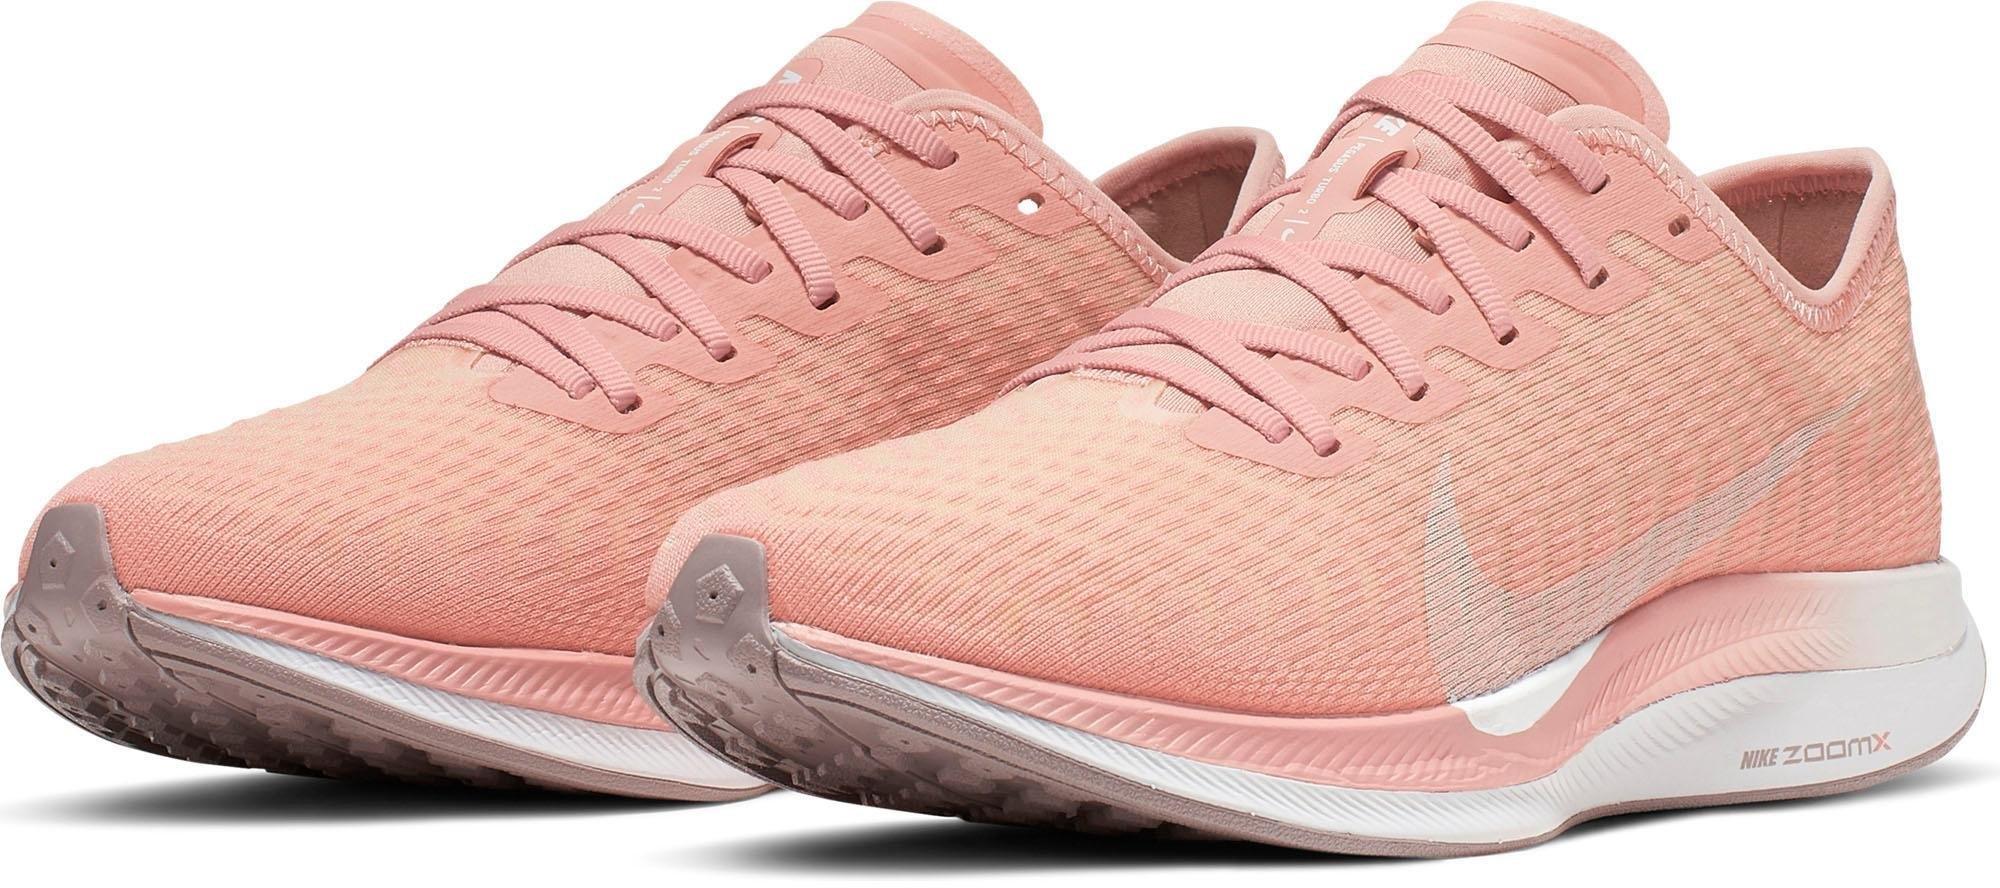 Nike runningschoenen »Wmns Zoom Pegasus Turbo 2« nu online kopen bij OTTO